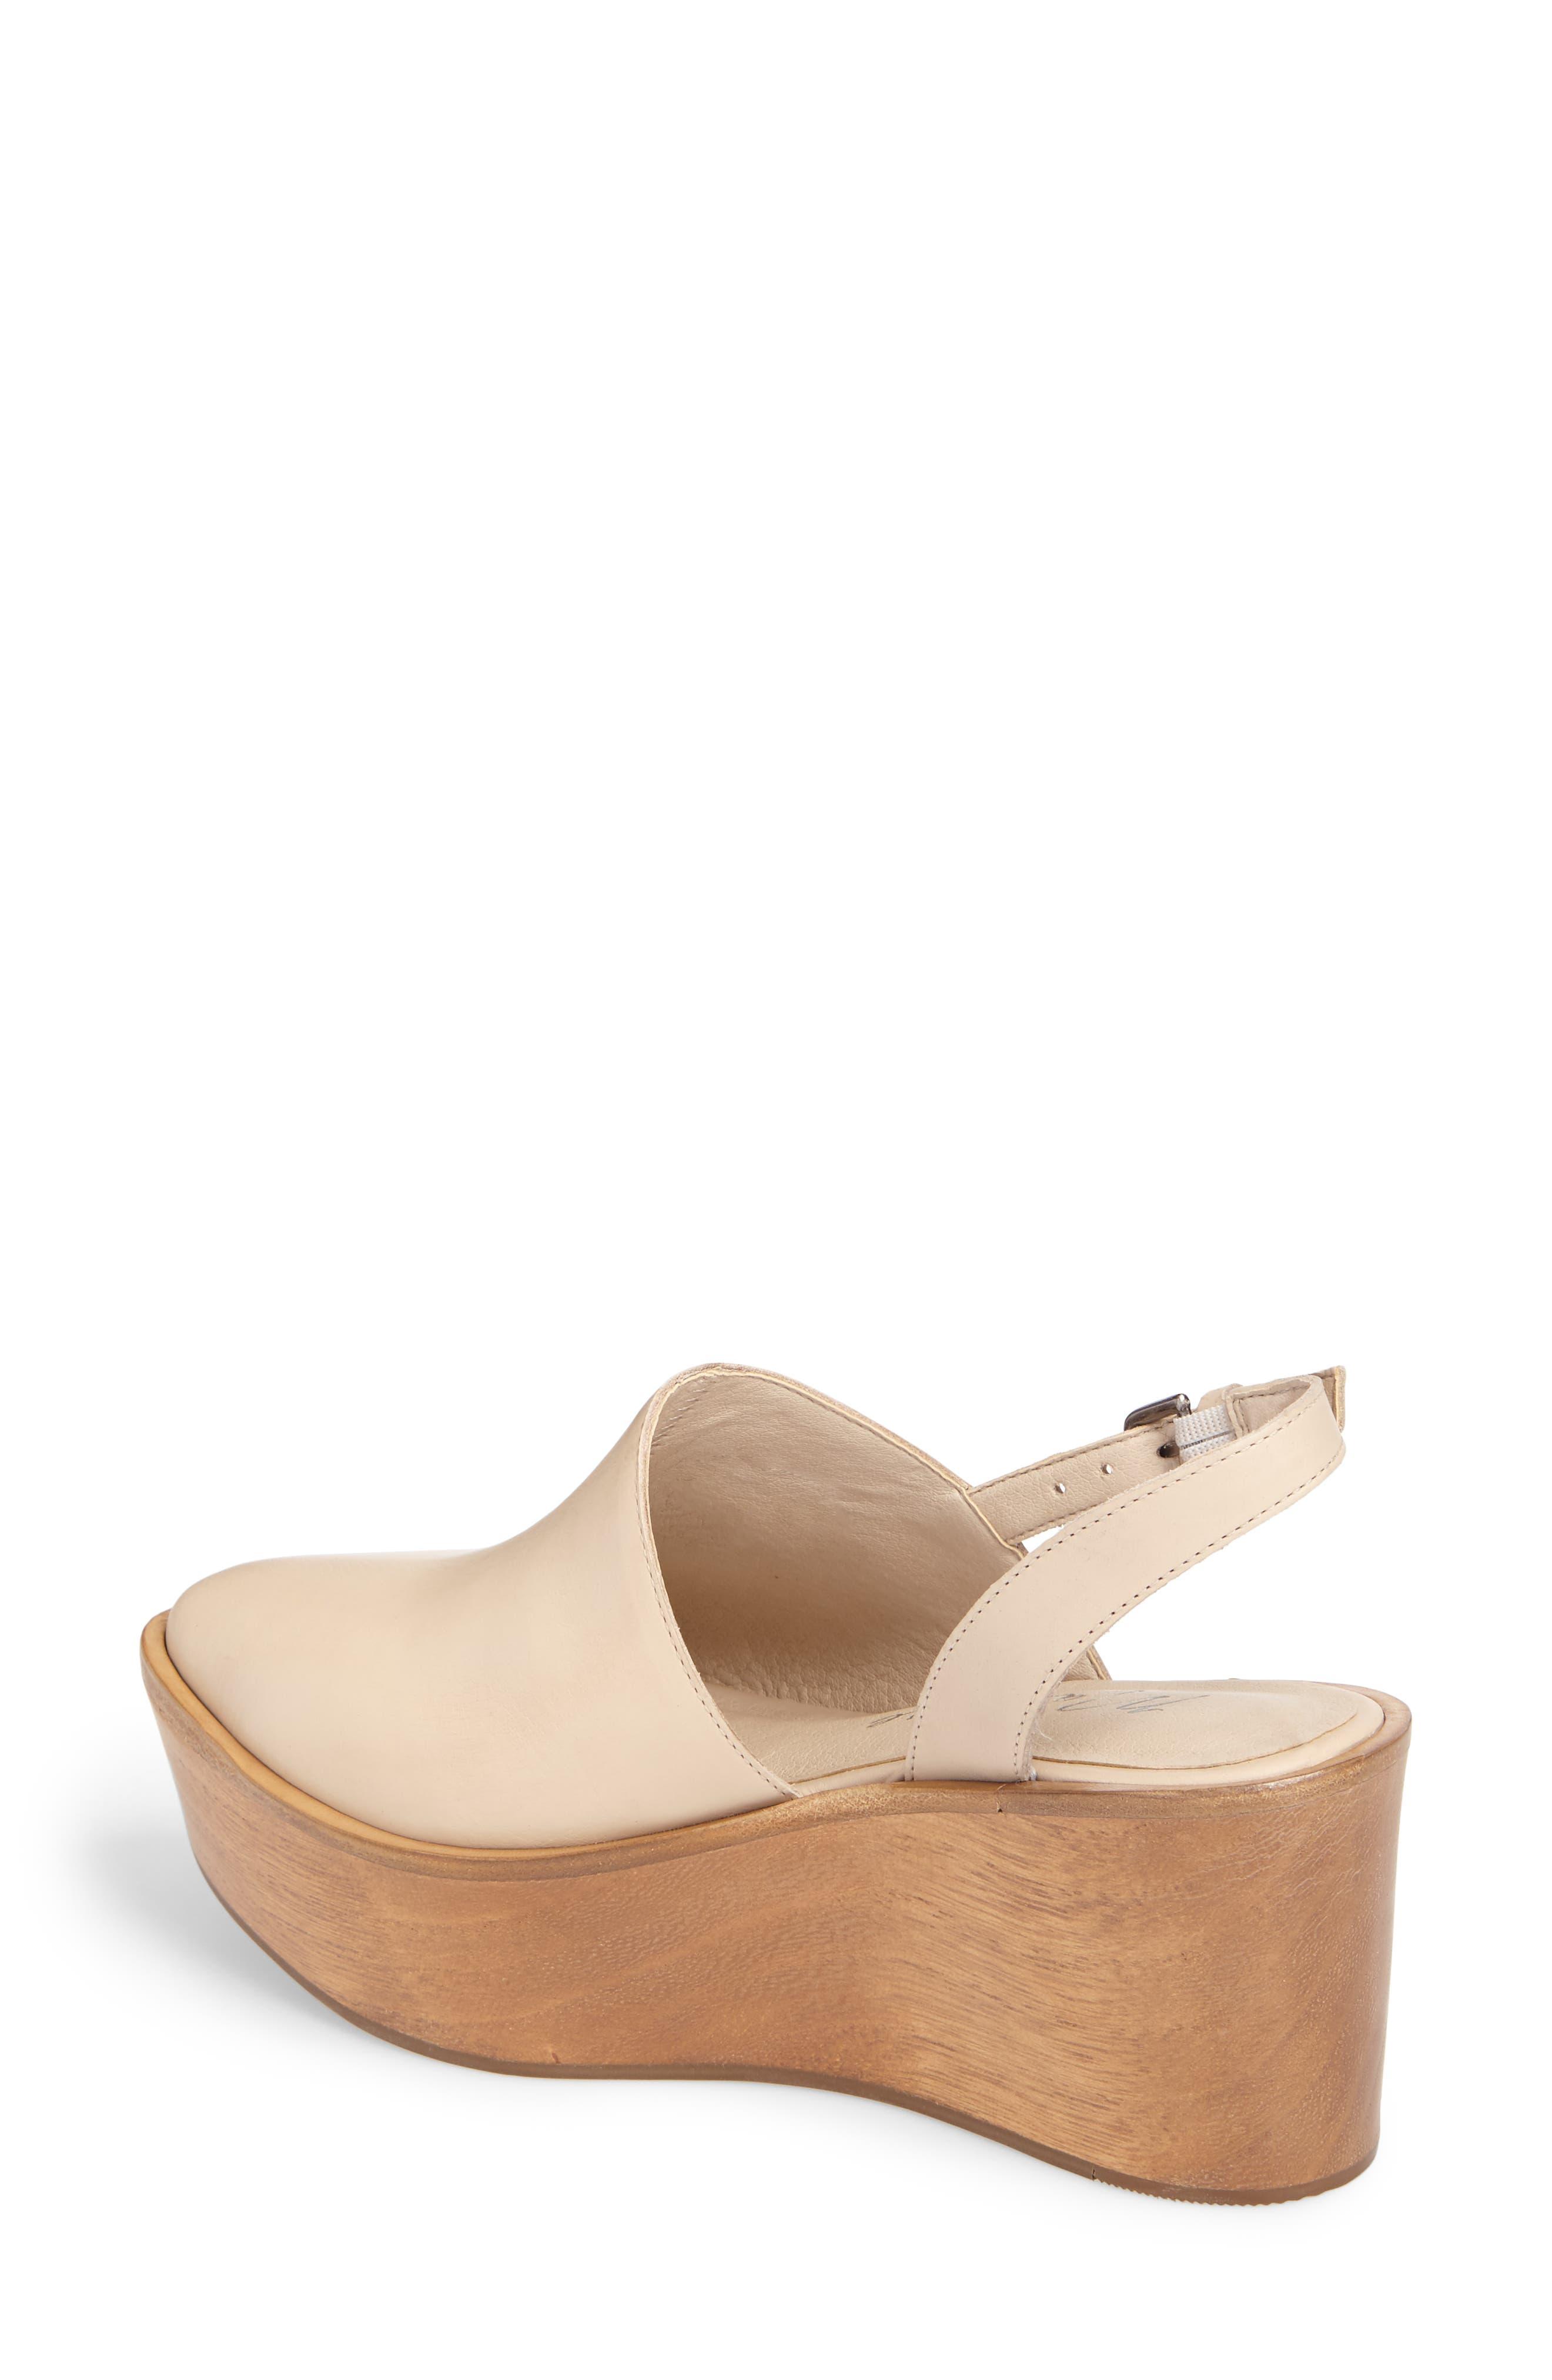 Eyals Slingback Platform Wedge Sandal,                             Alternate thumbnail 2, color,                             Natural Leather